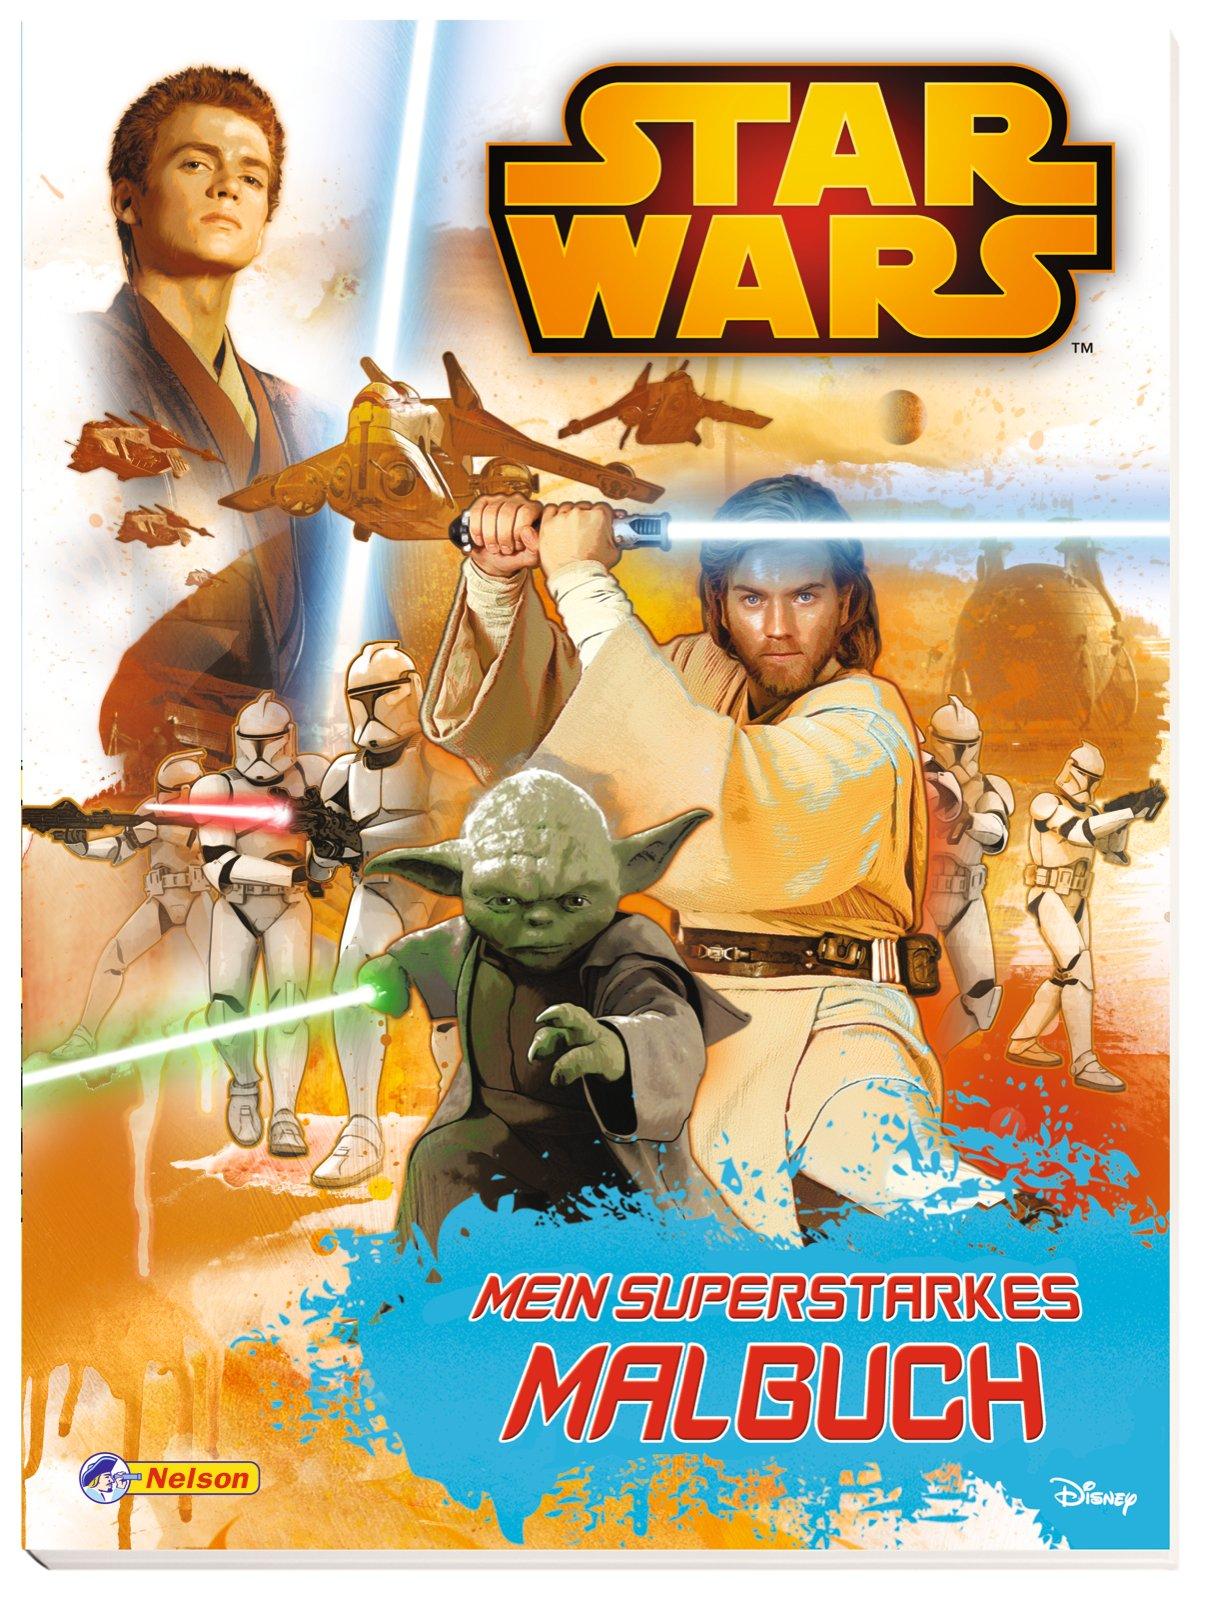 Star Wars-Wochenvorschau KW 44/2014 (27.10 – 02.11.) – Jedi-Bibliothek